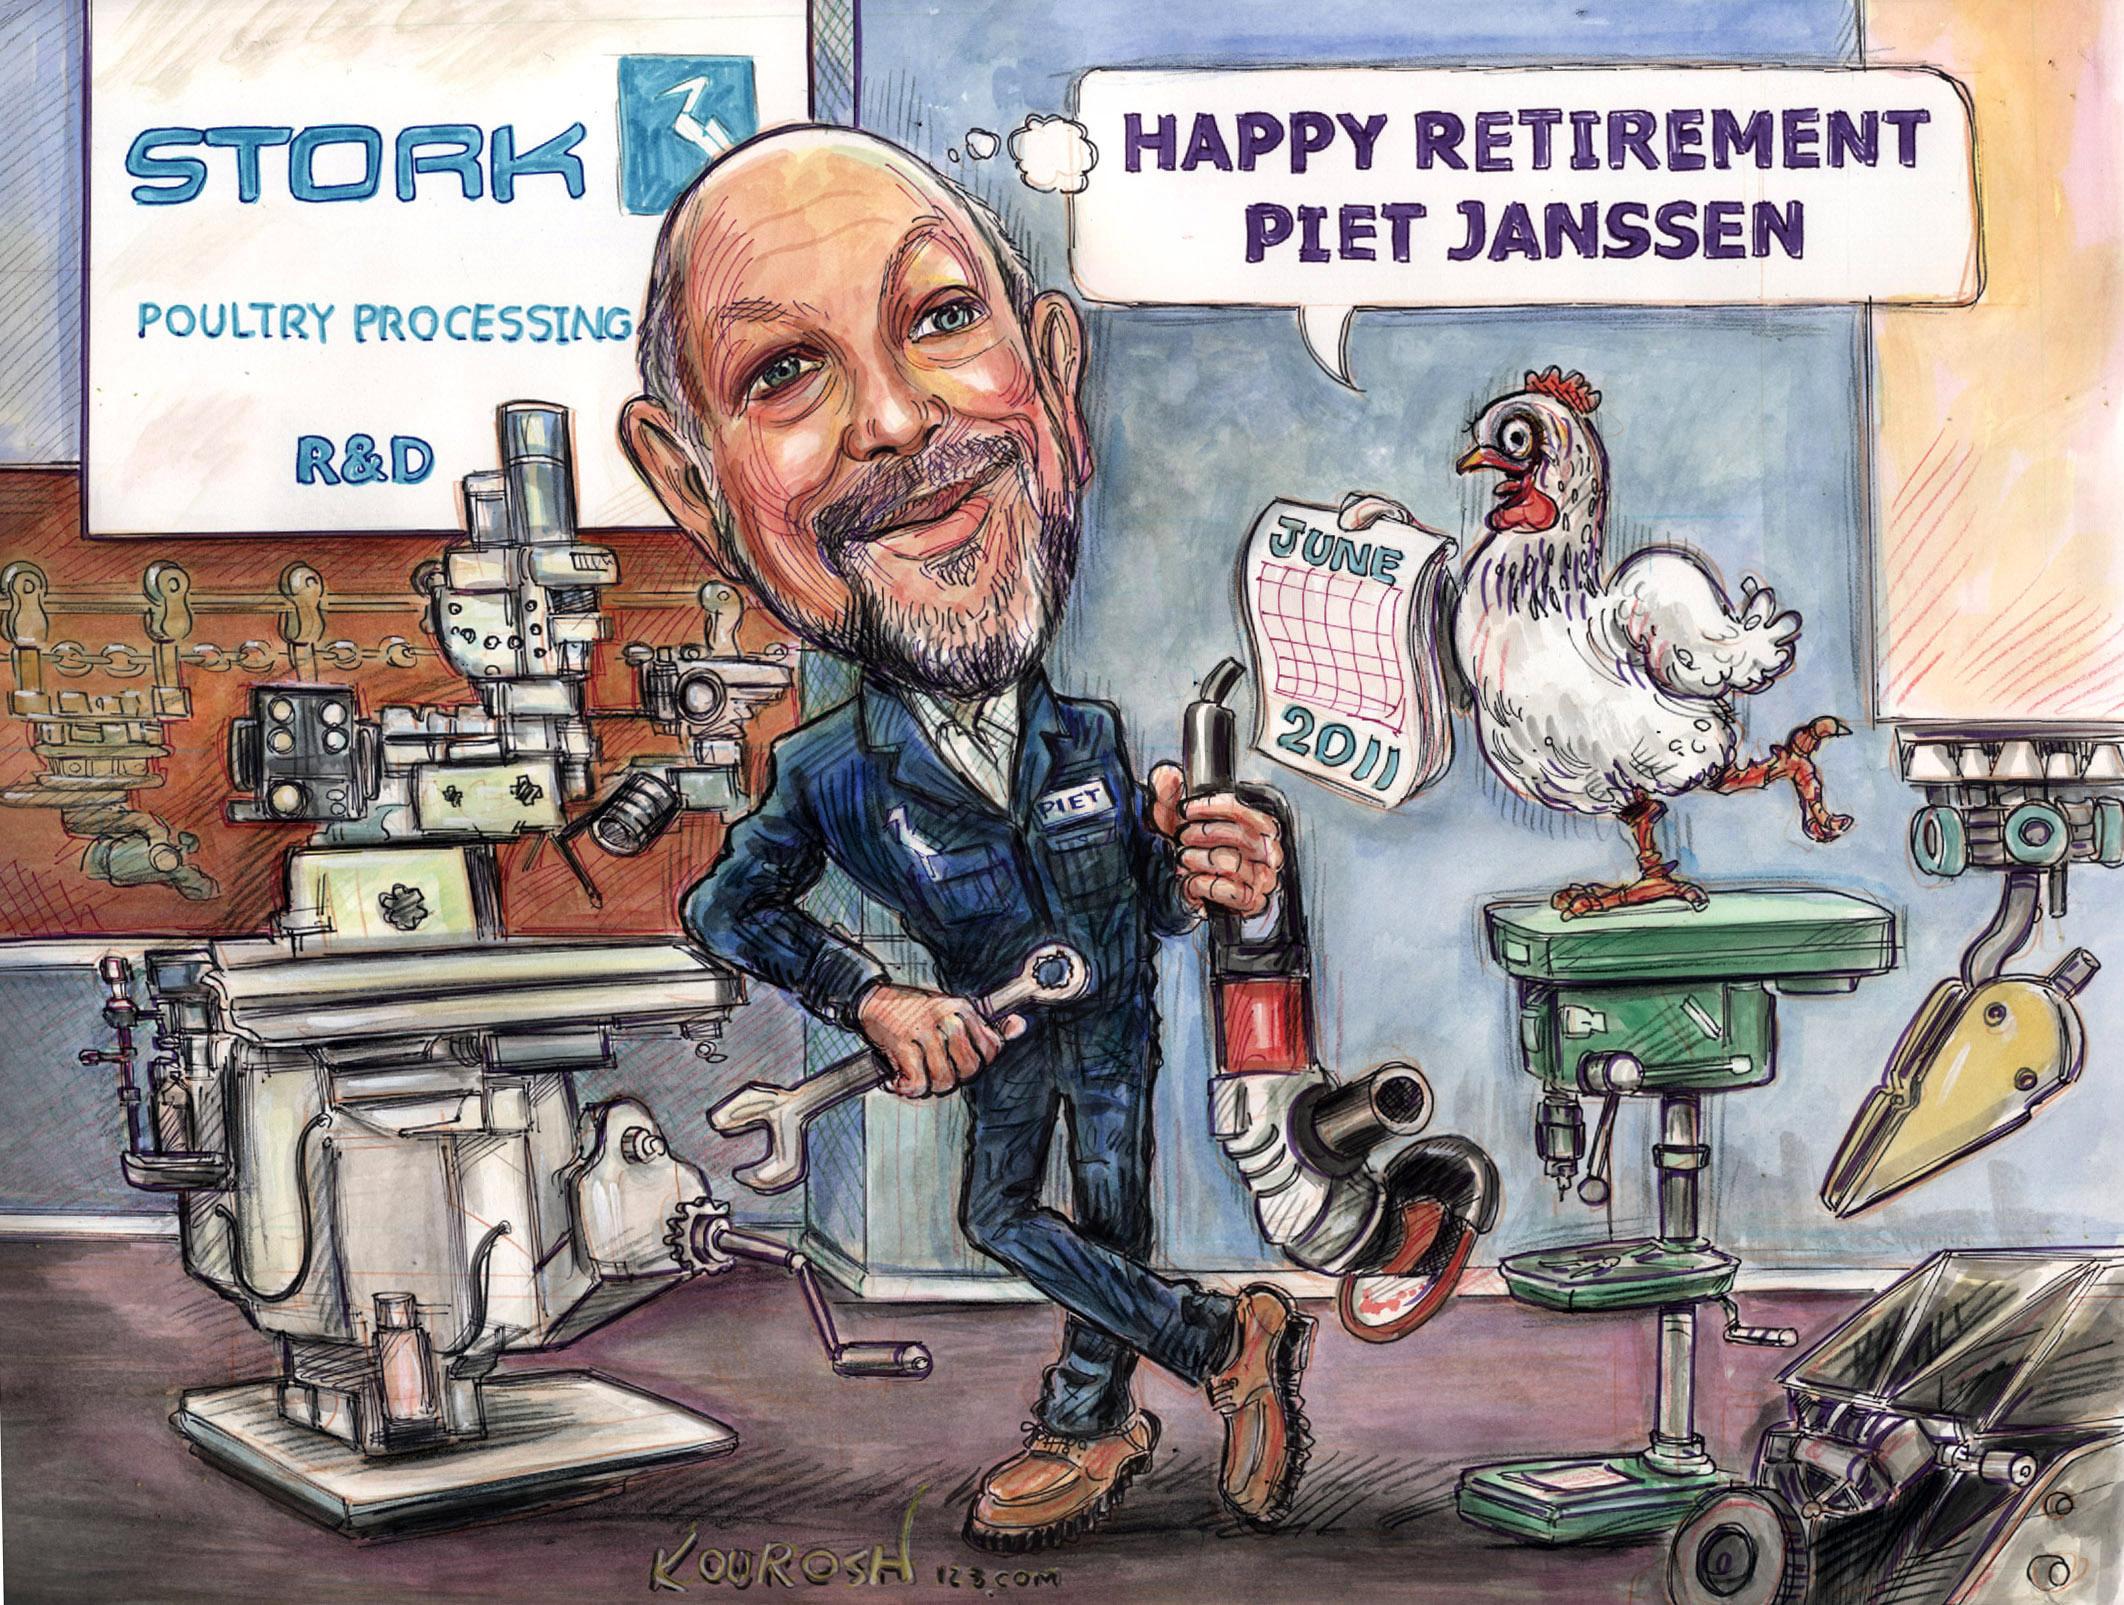 Stork_retirement_gift